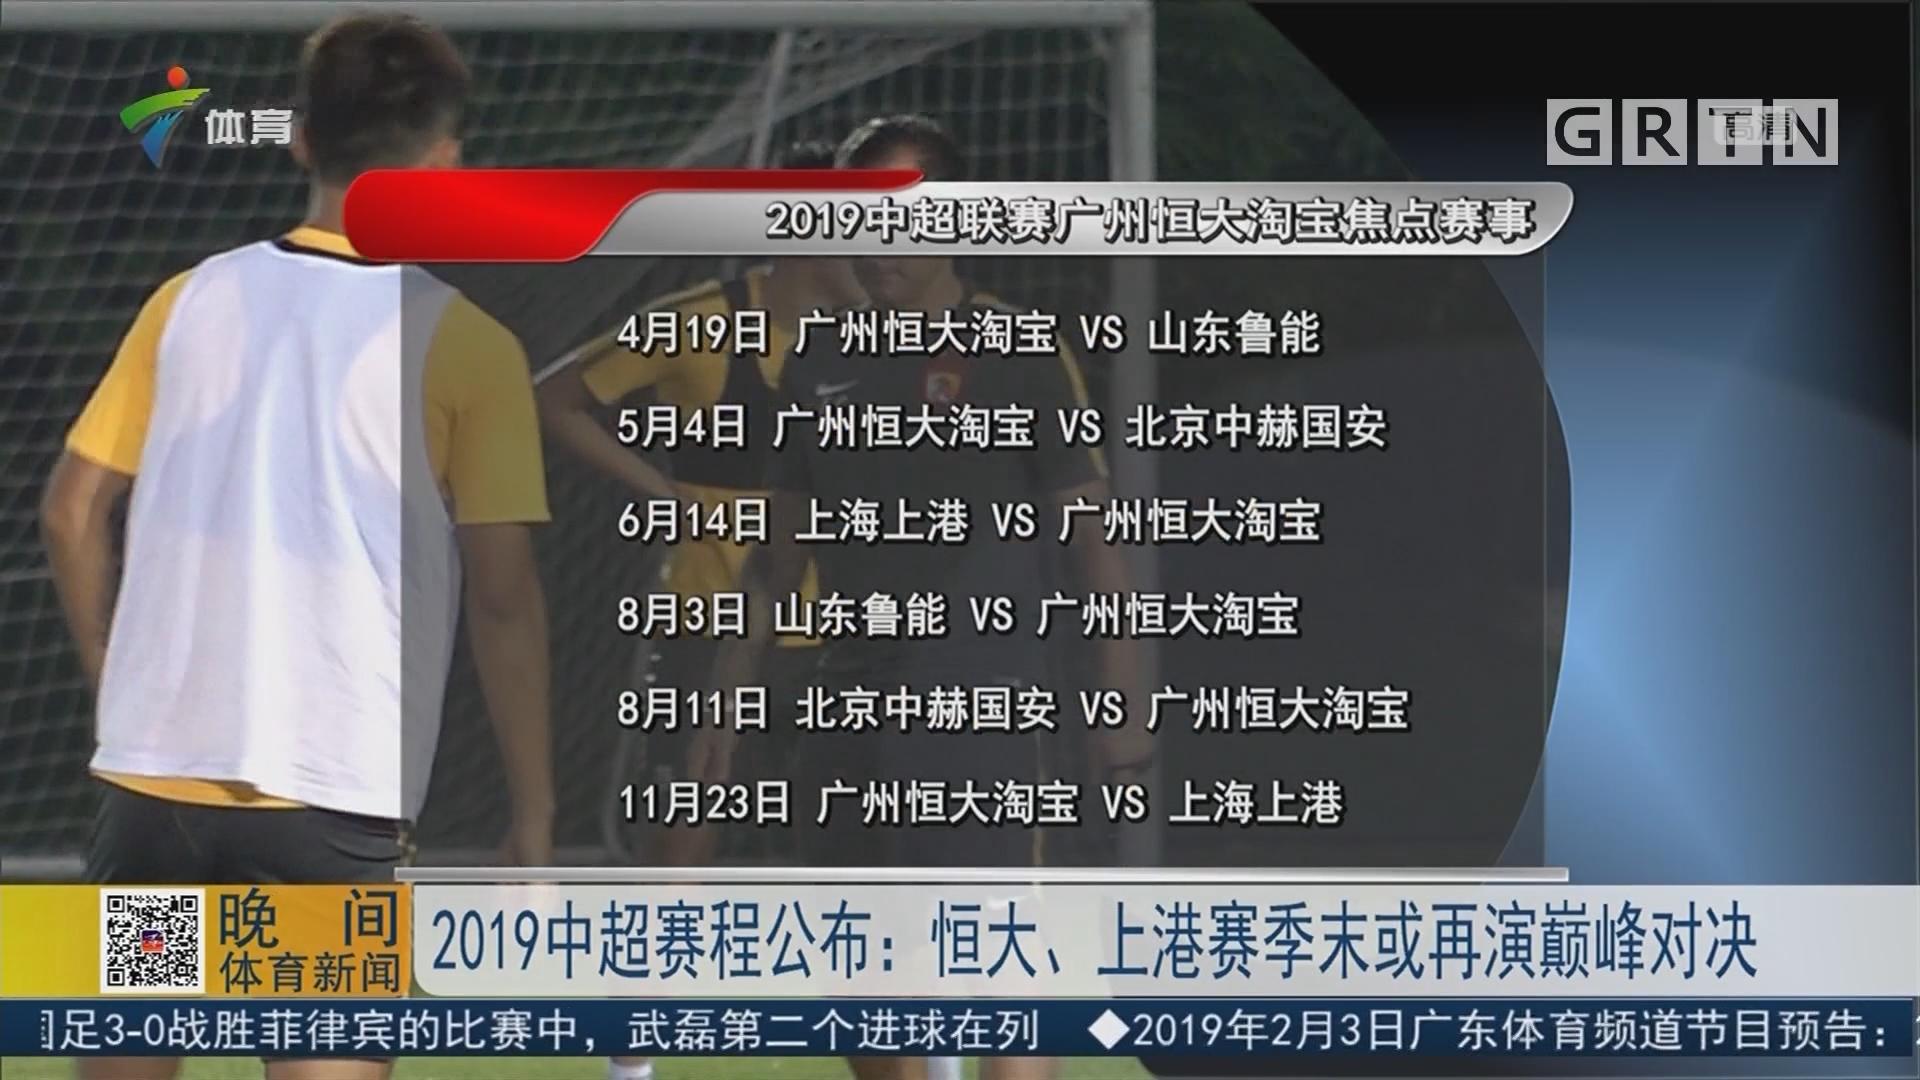 2019中超赛程公布:恒大、上港赛季末或再演巅峰对决